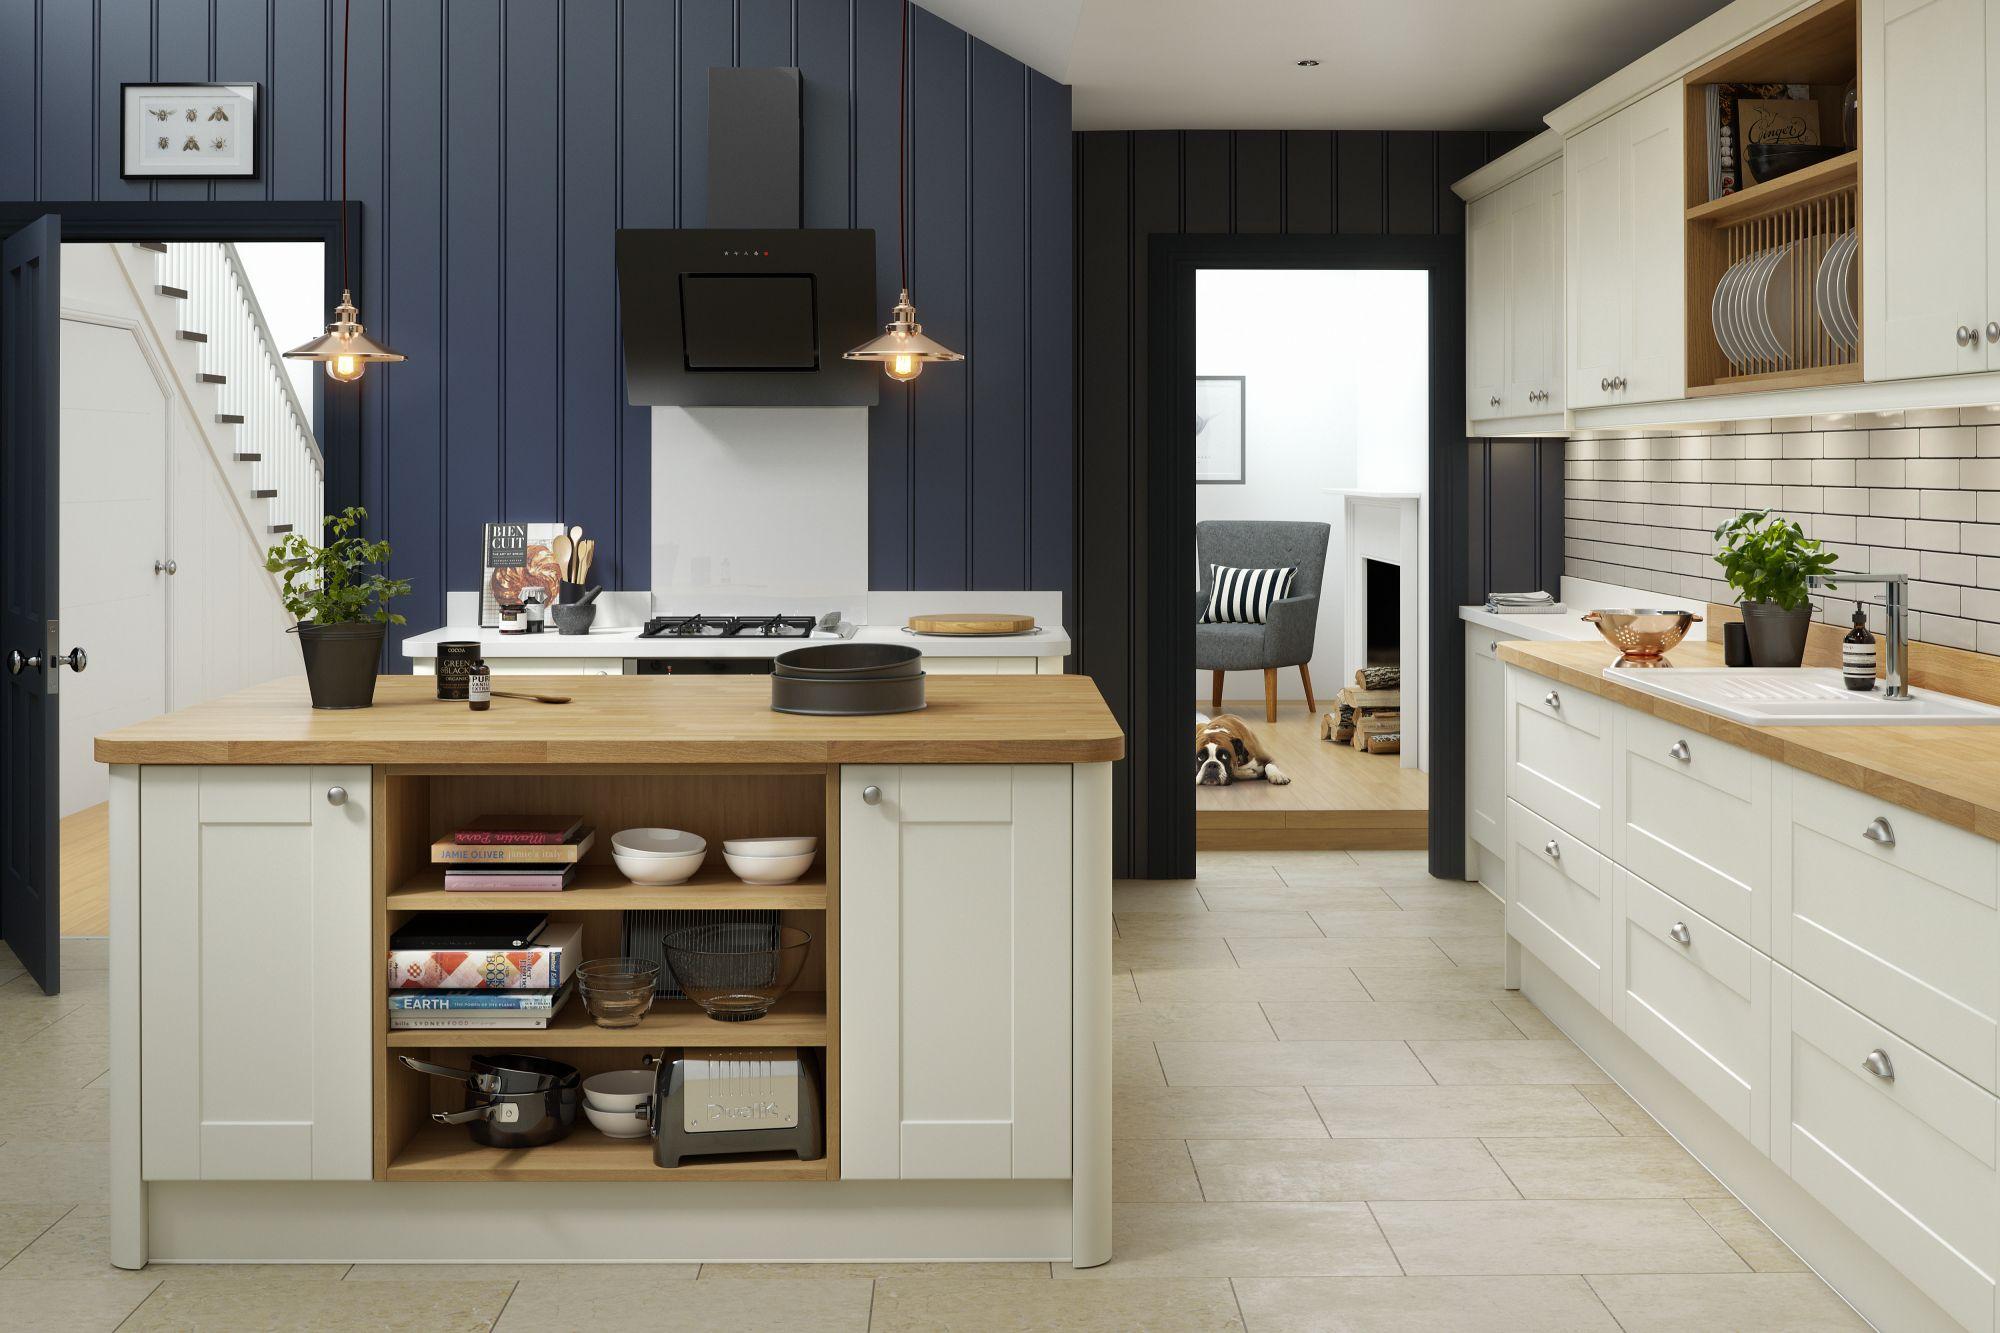 shaker_kitchen_in_cream_1444.jpg